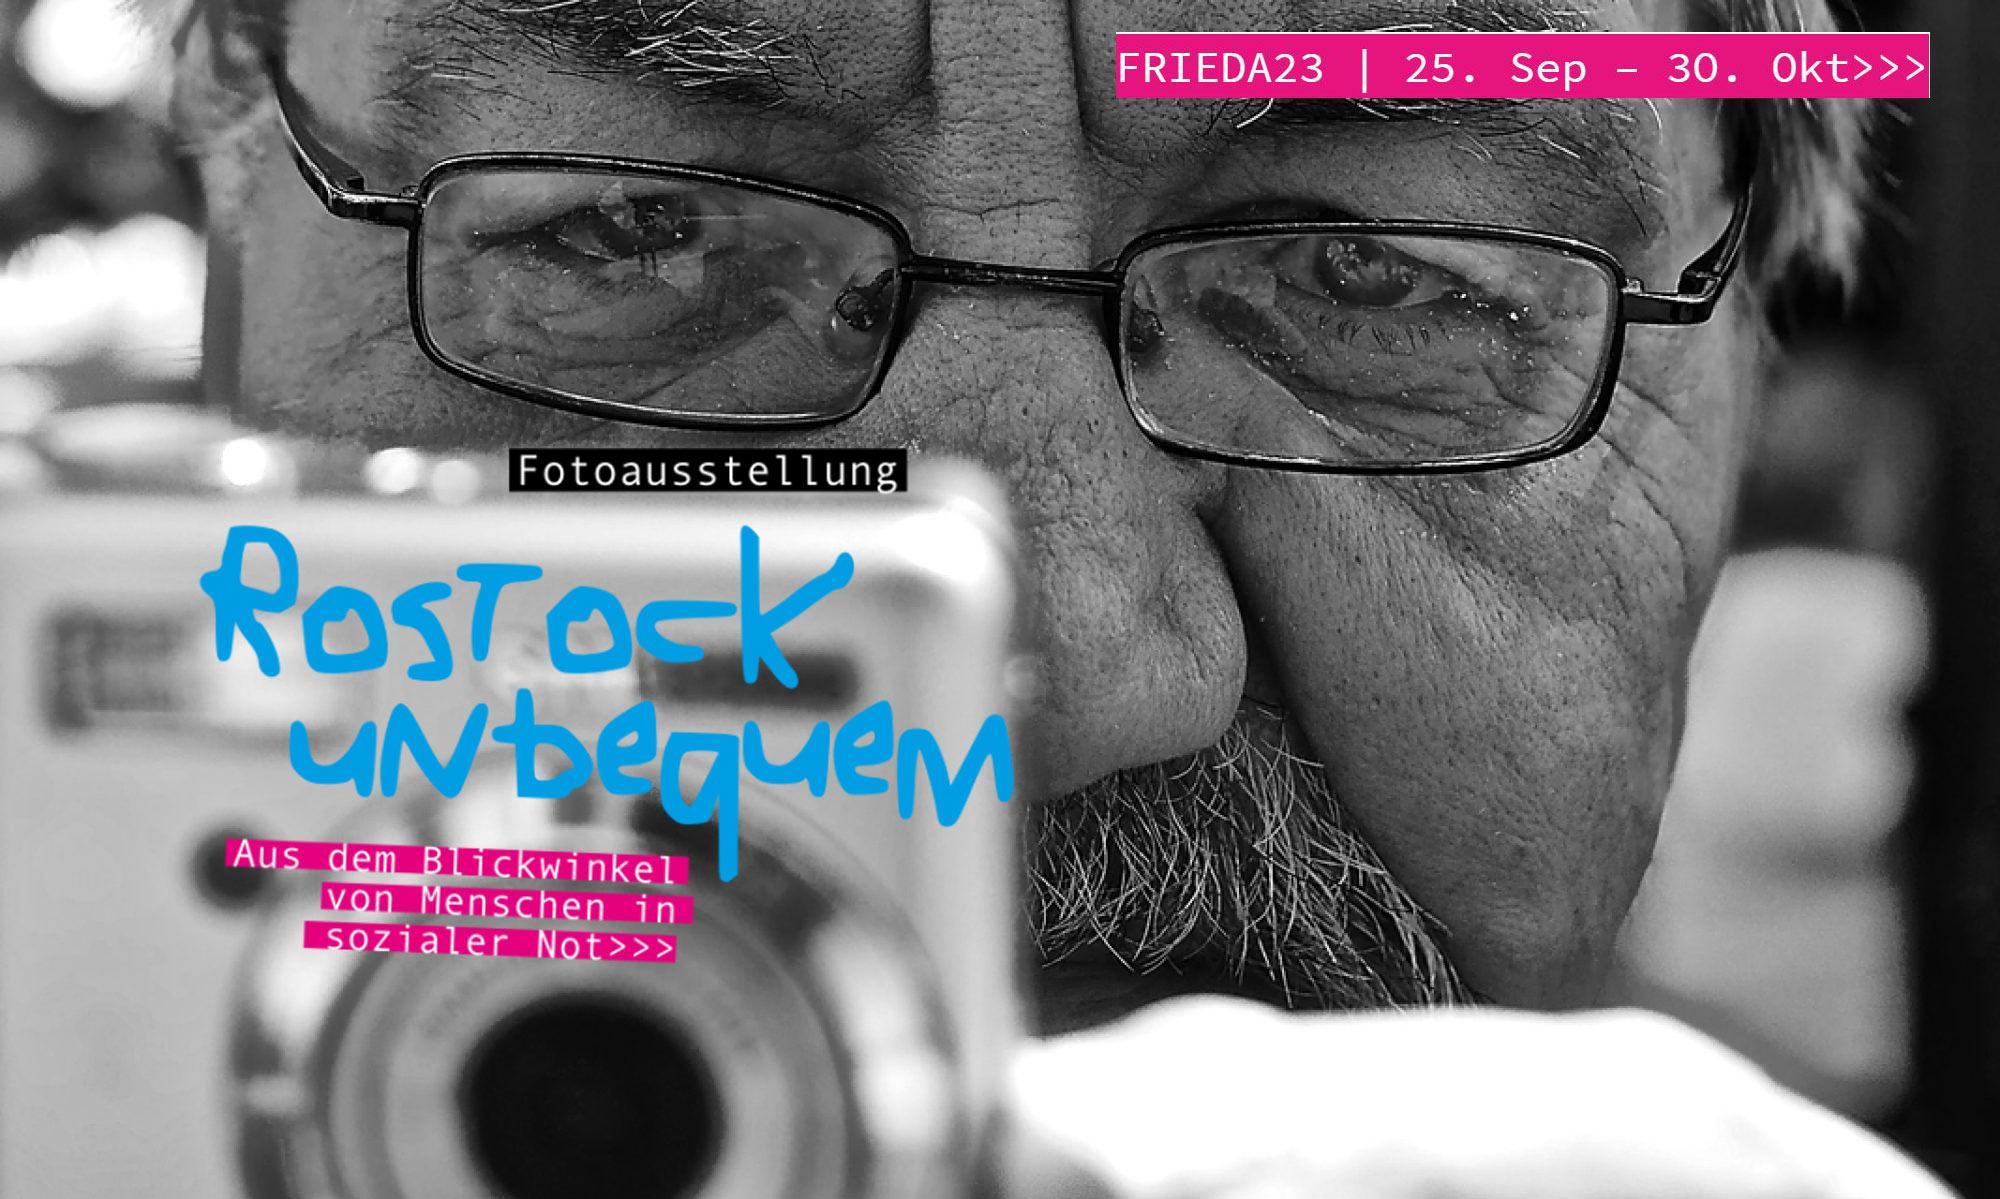 Rostock unbequem, 25. September - 30. Oktober in der FRIEDA 23